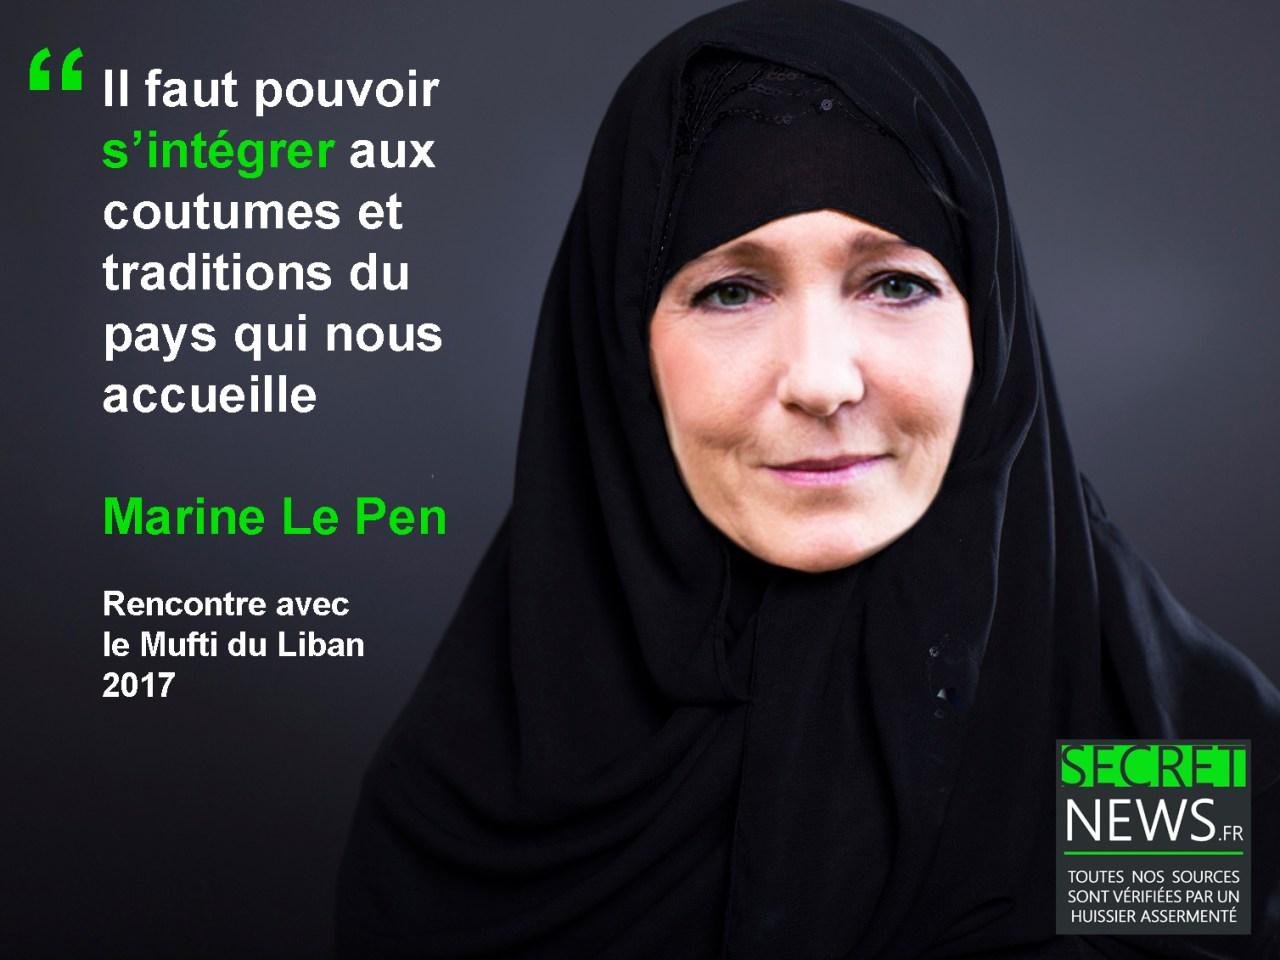 marine-le-pen-hijab-voile-burka-foulard-fn Marine Le Pen accepte finalement de porter un hijab pour rencontrer le mufti du Liban